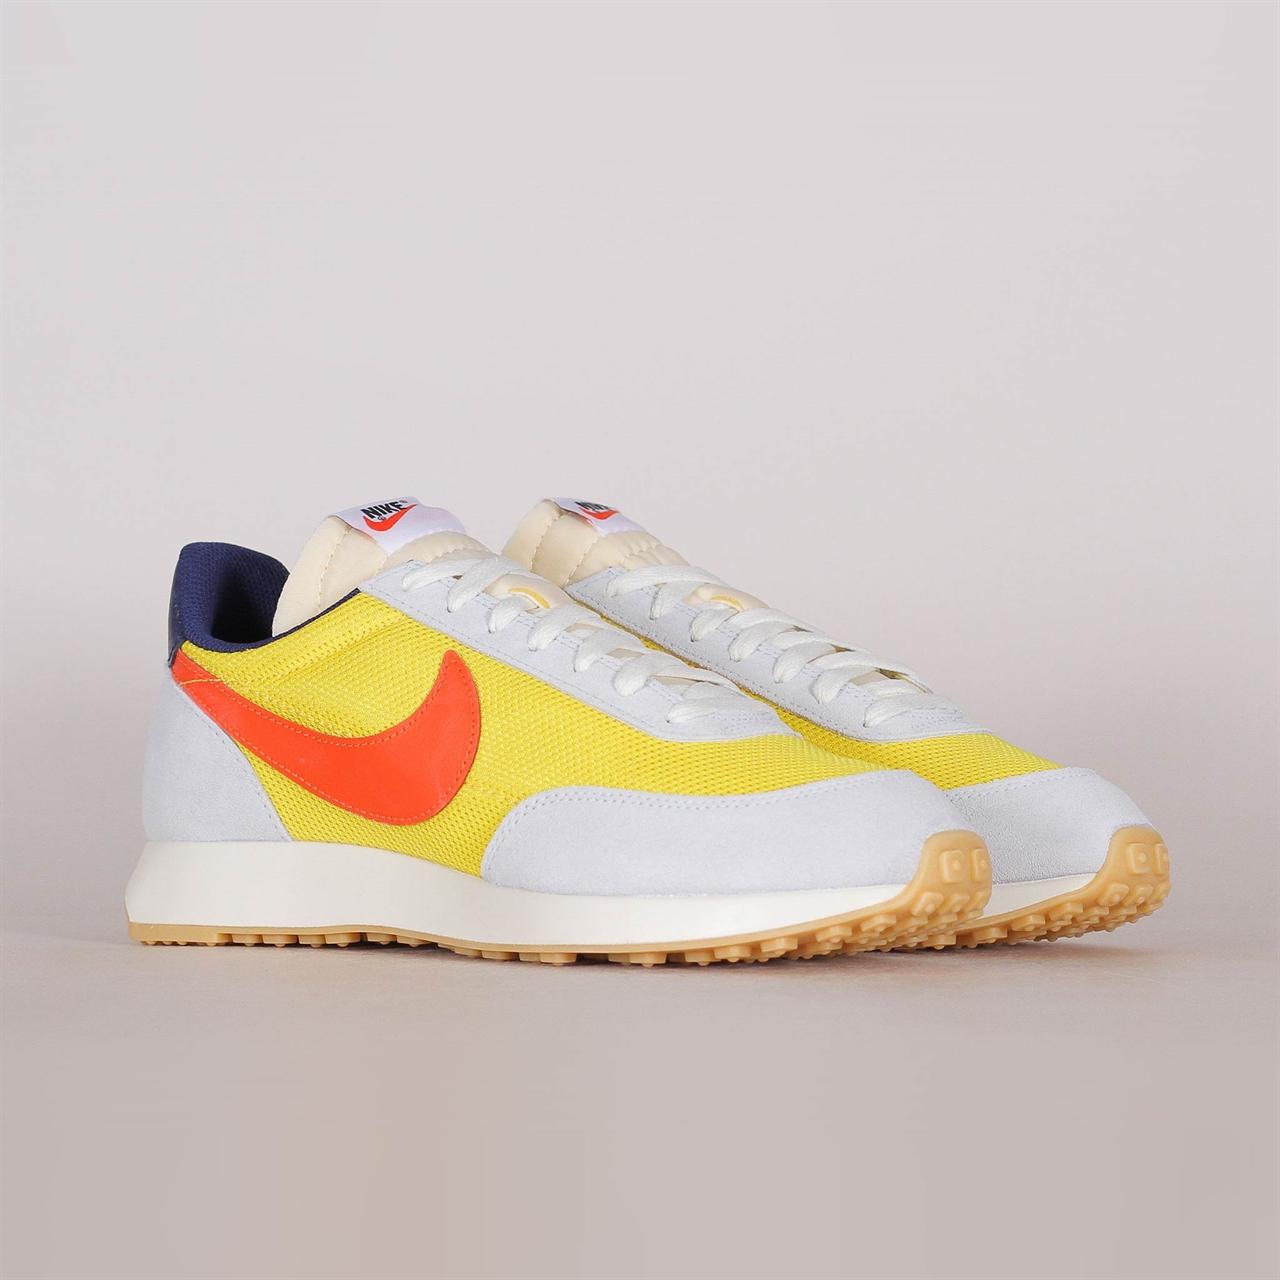 3cbe4e0daa4 Nike Air Tailwind 79 (487754-407) - Shelta